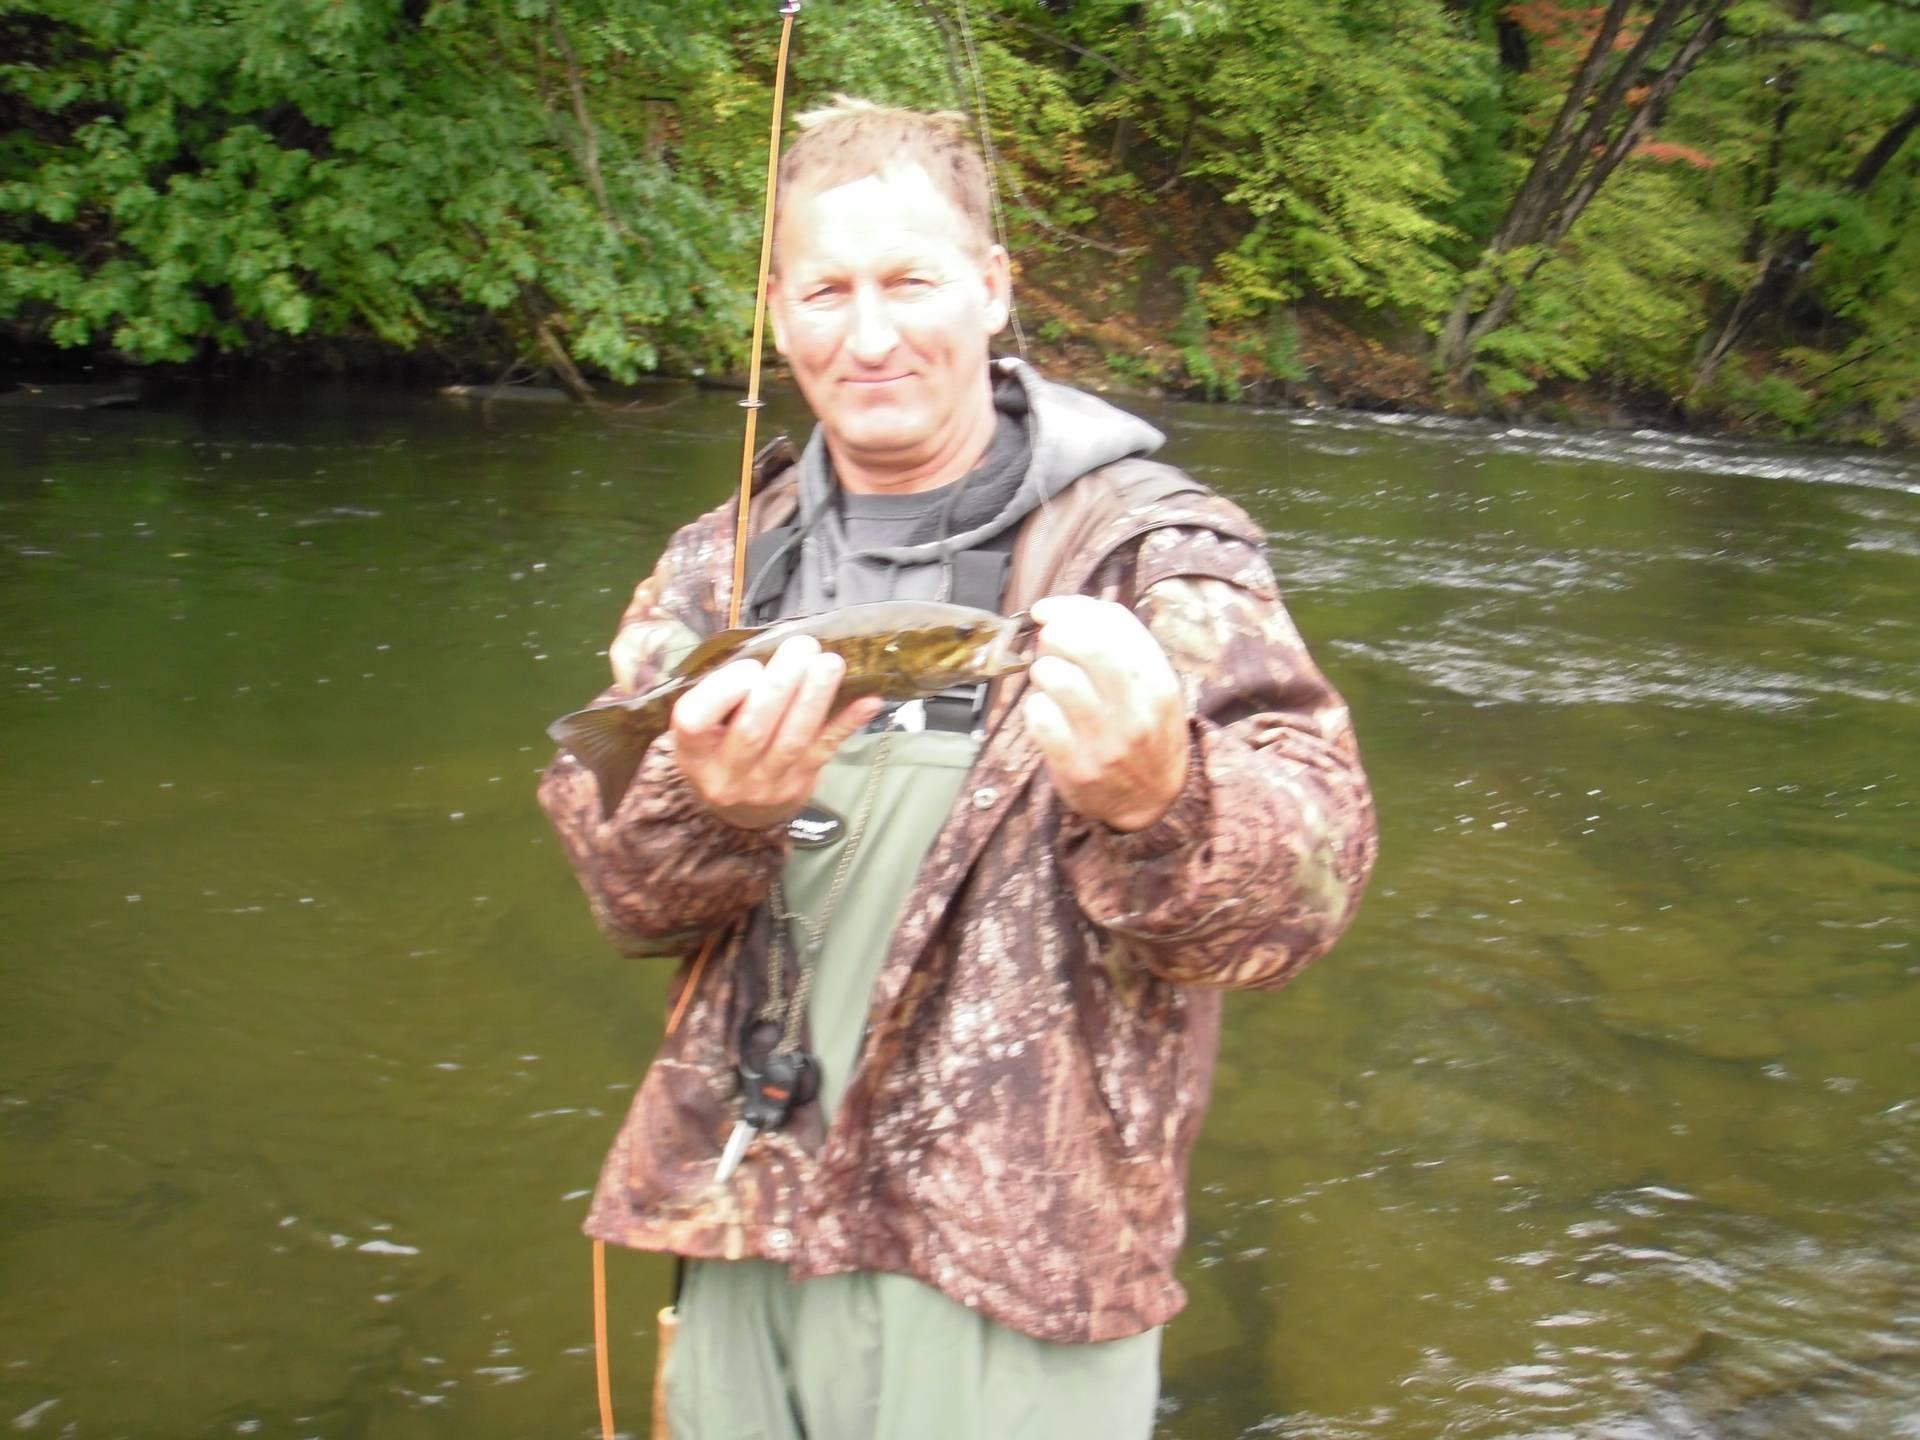 Salmon river smallmouth bass